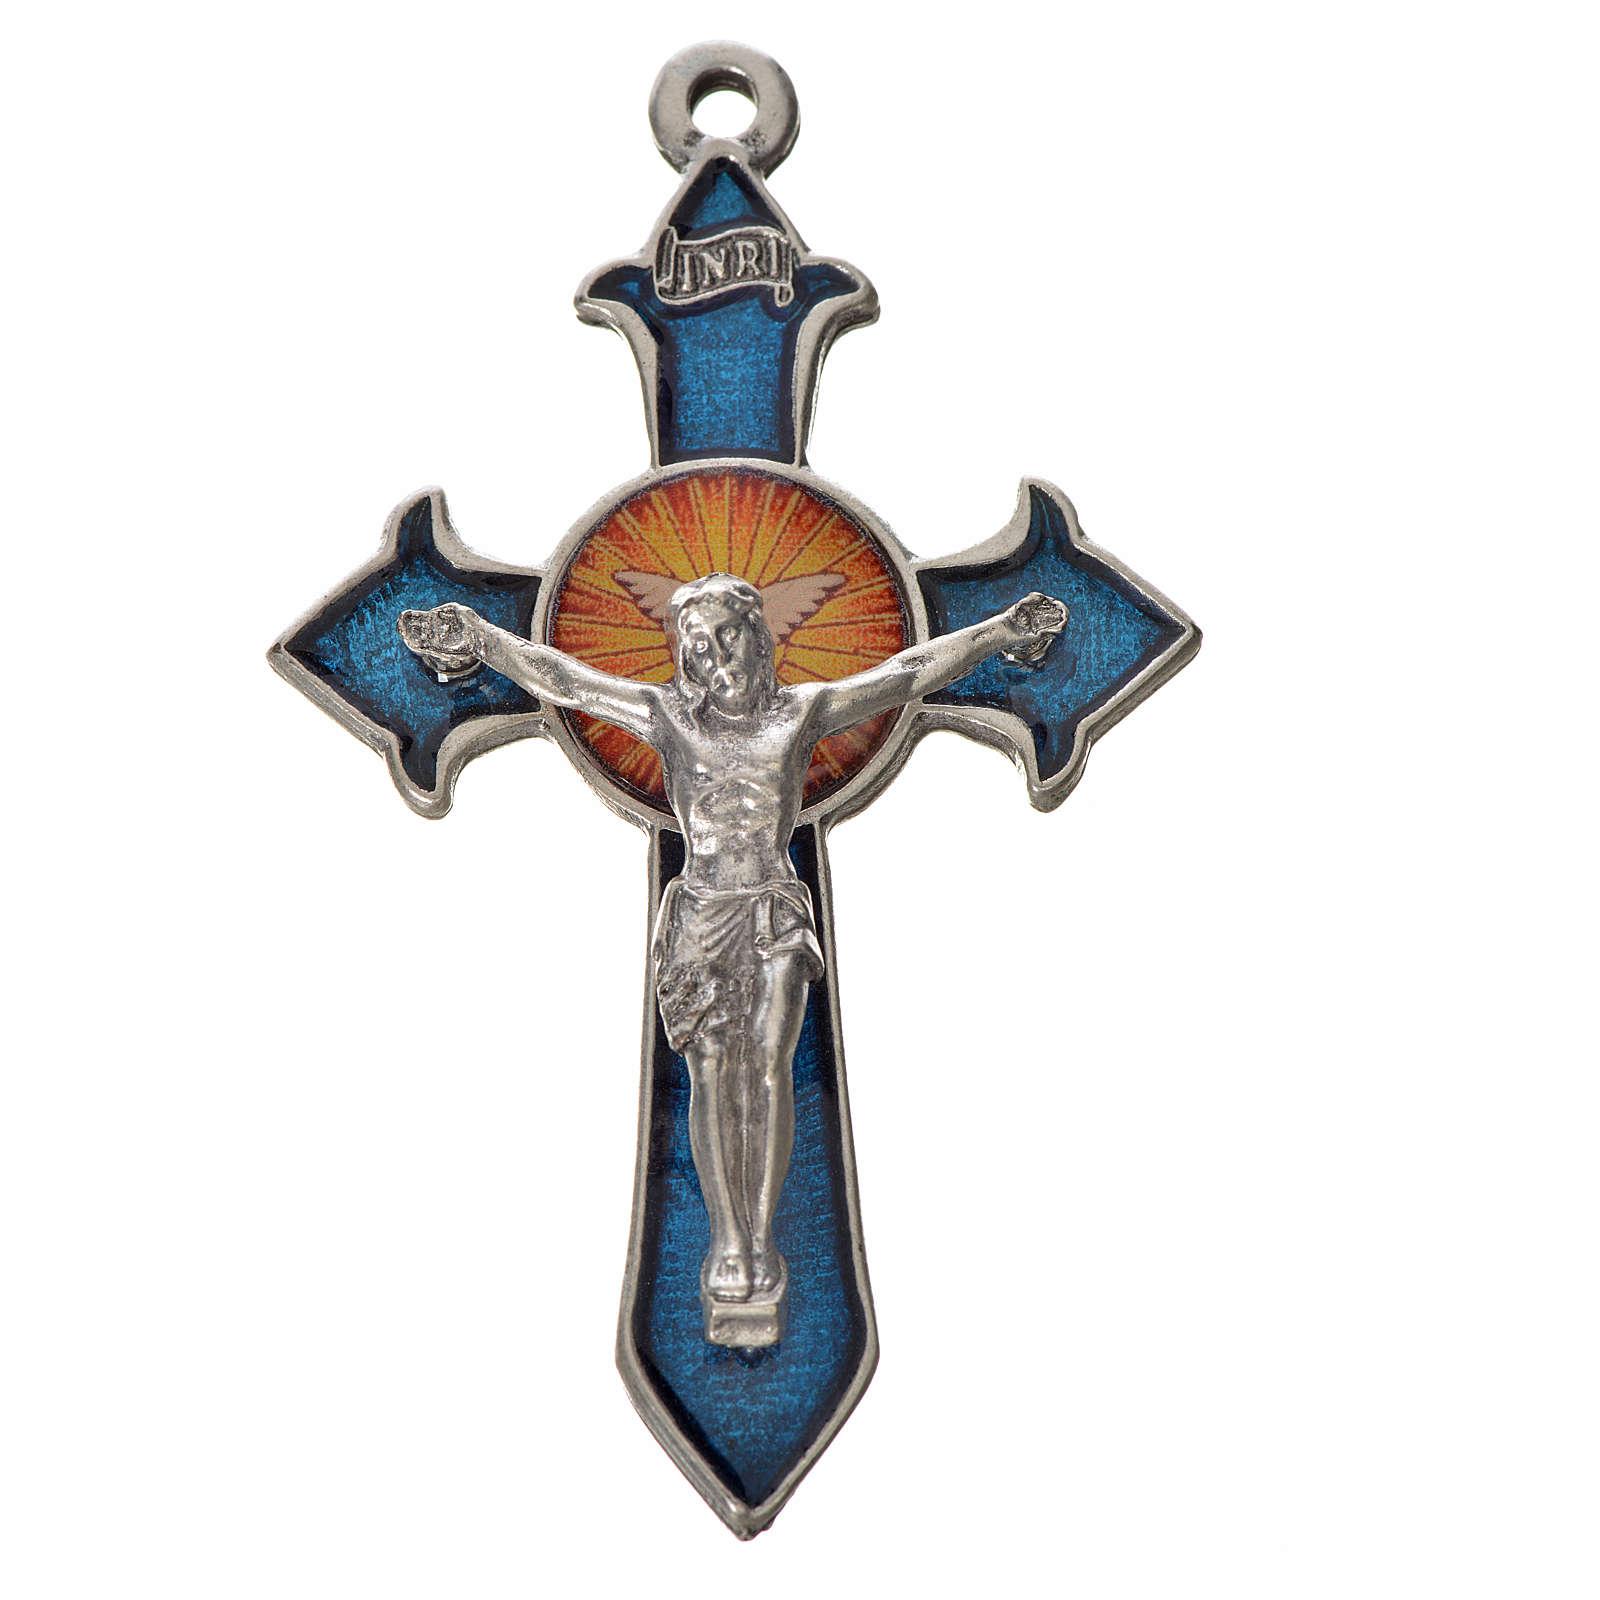 Krzyż Duch święty zama 7 X 4,5cm emalia niebieska 4